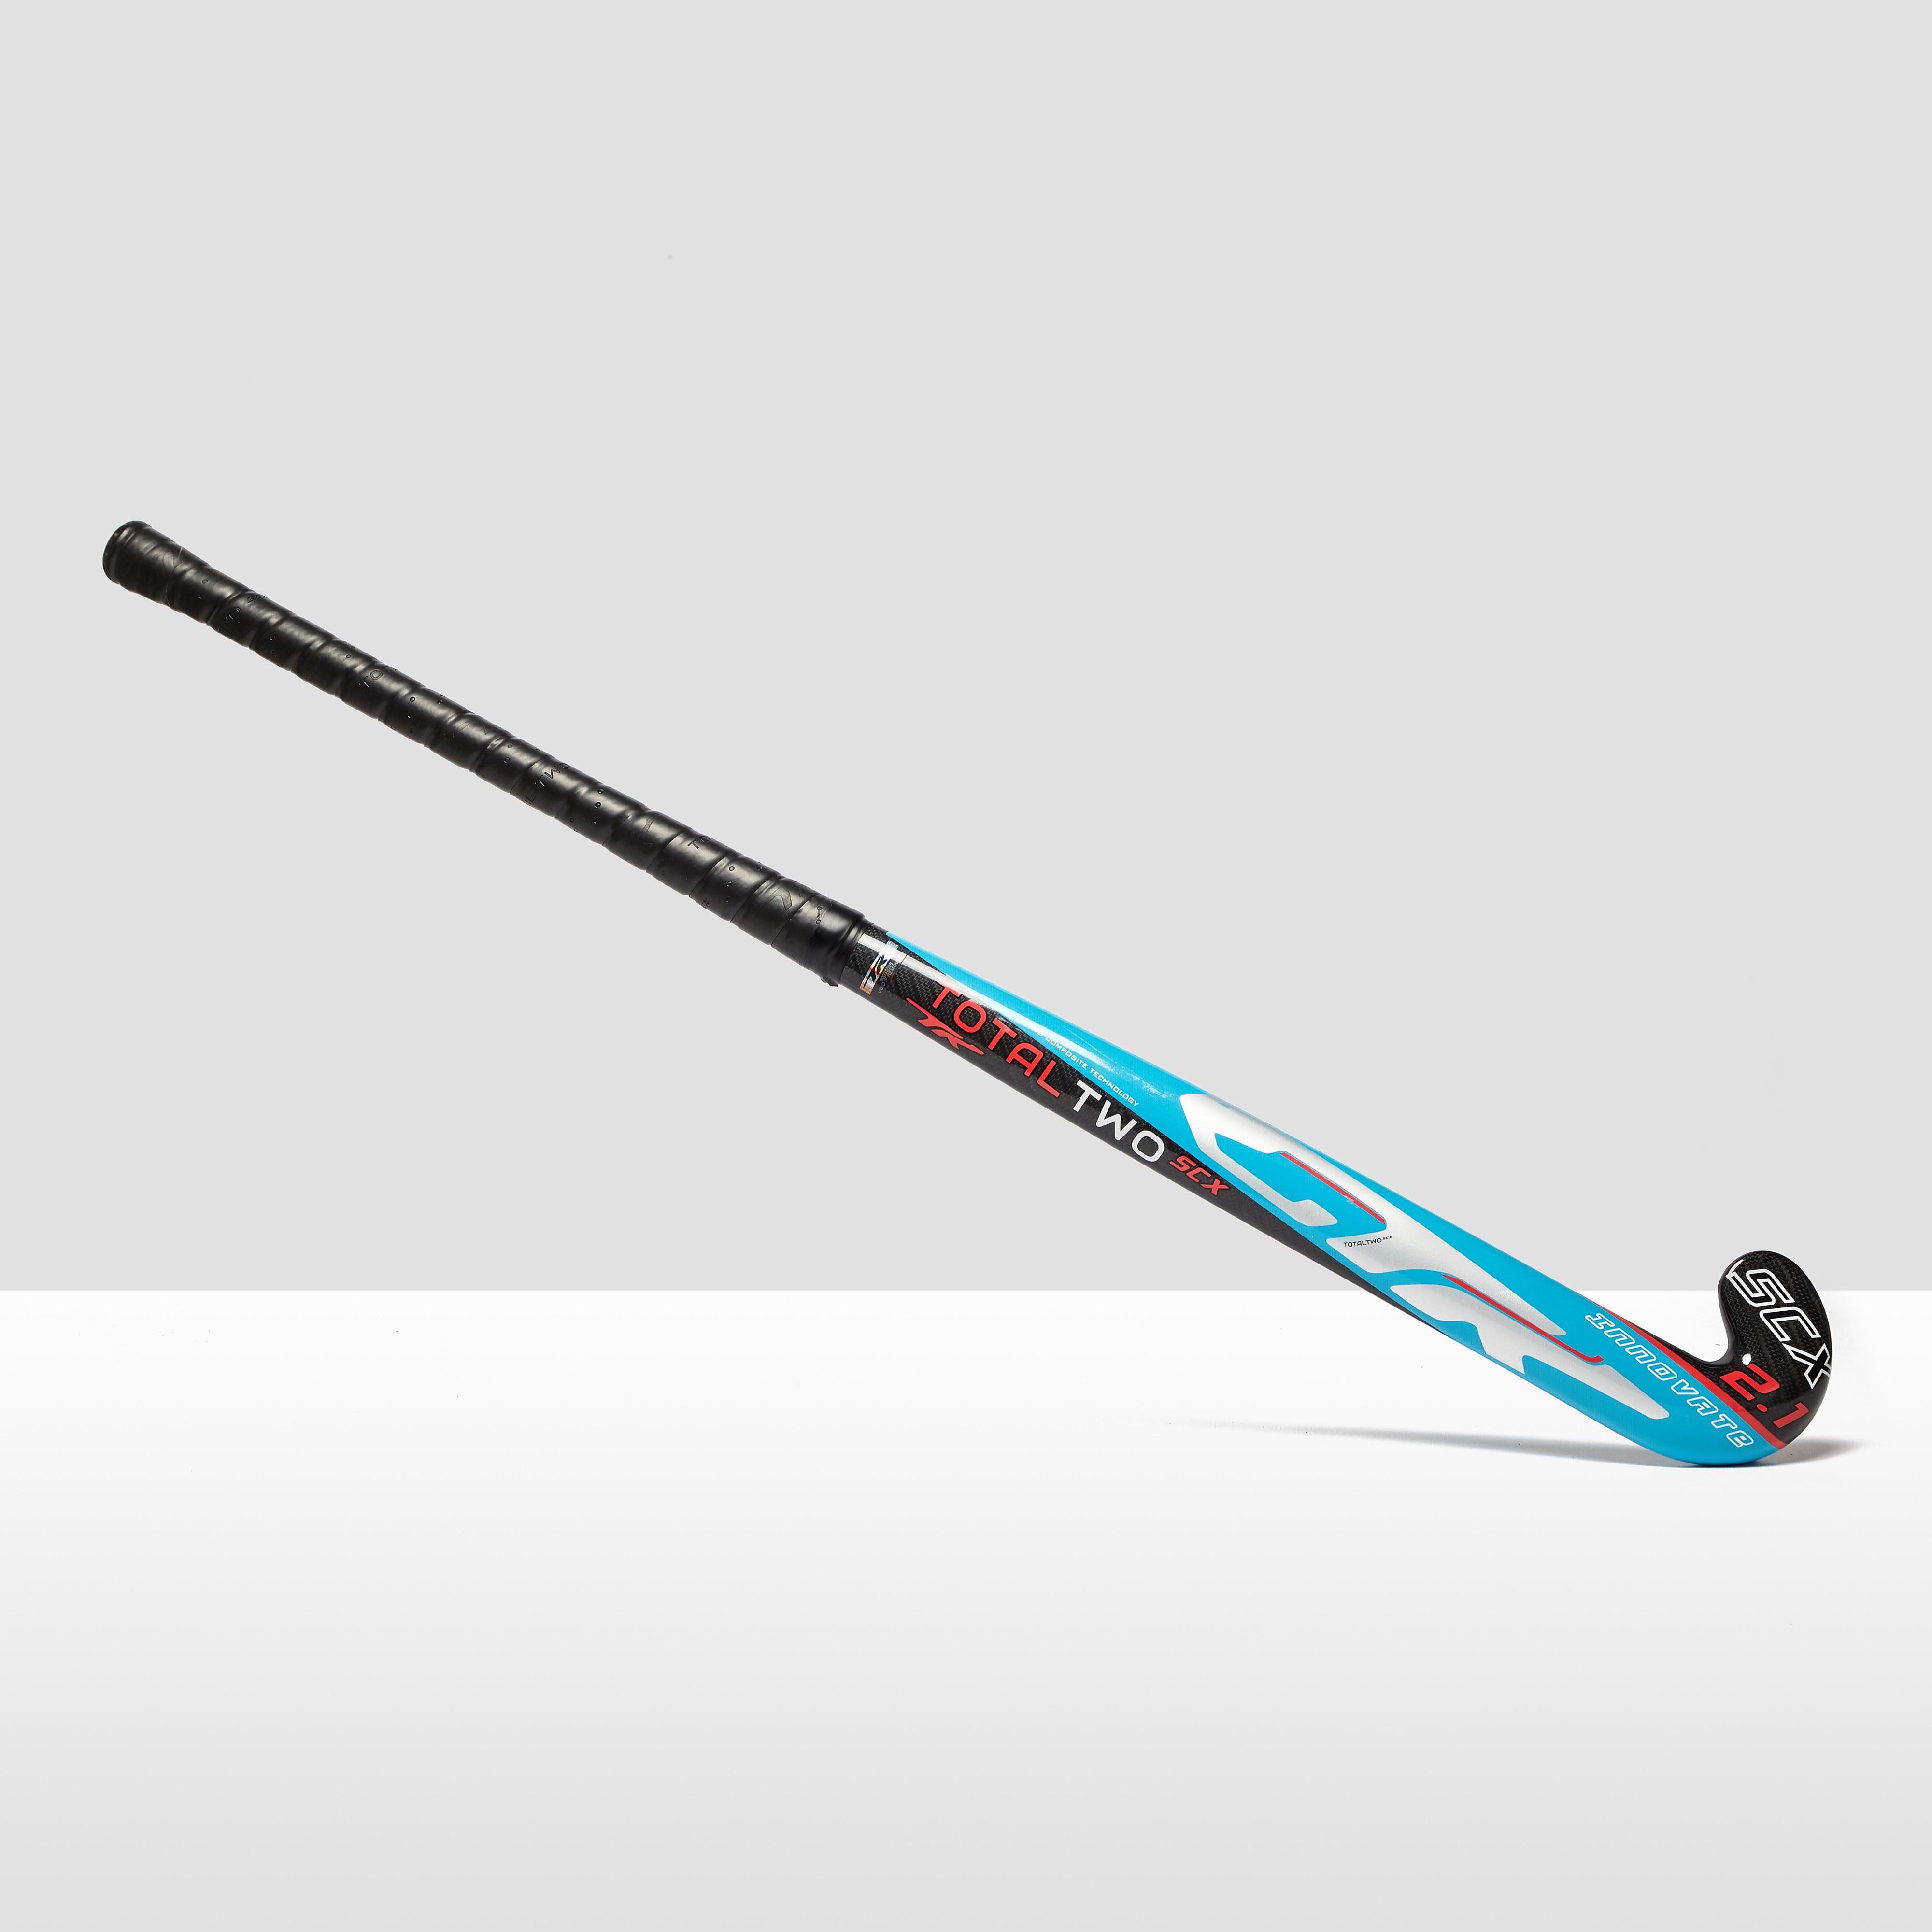 Tk hockey Total Two Scx 2.1 Innovate Hockey Stick